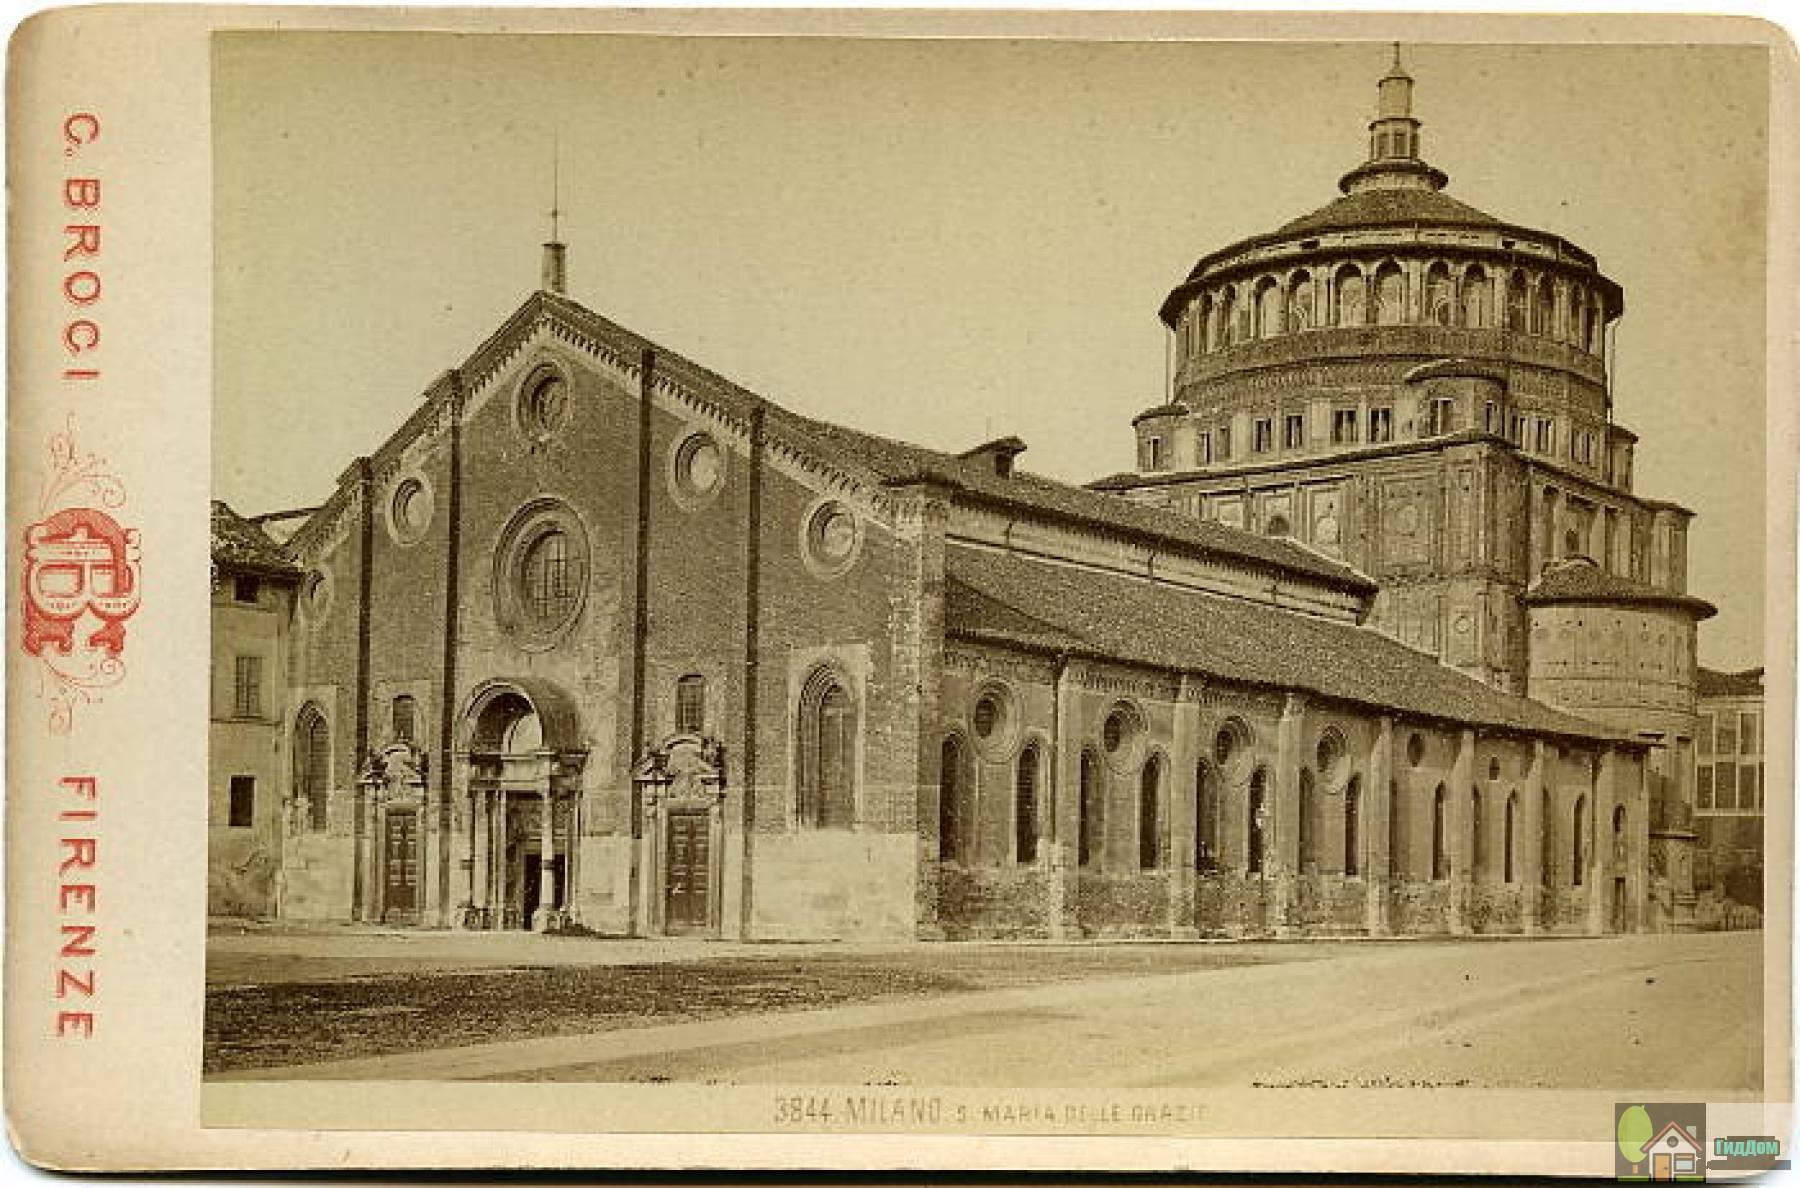 Собор Санта-Мария-делле-Грацие в Милане на фотографии 1878 года. Изображение загружено из открытых источников.